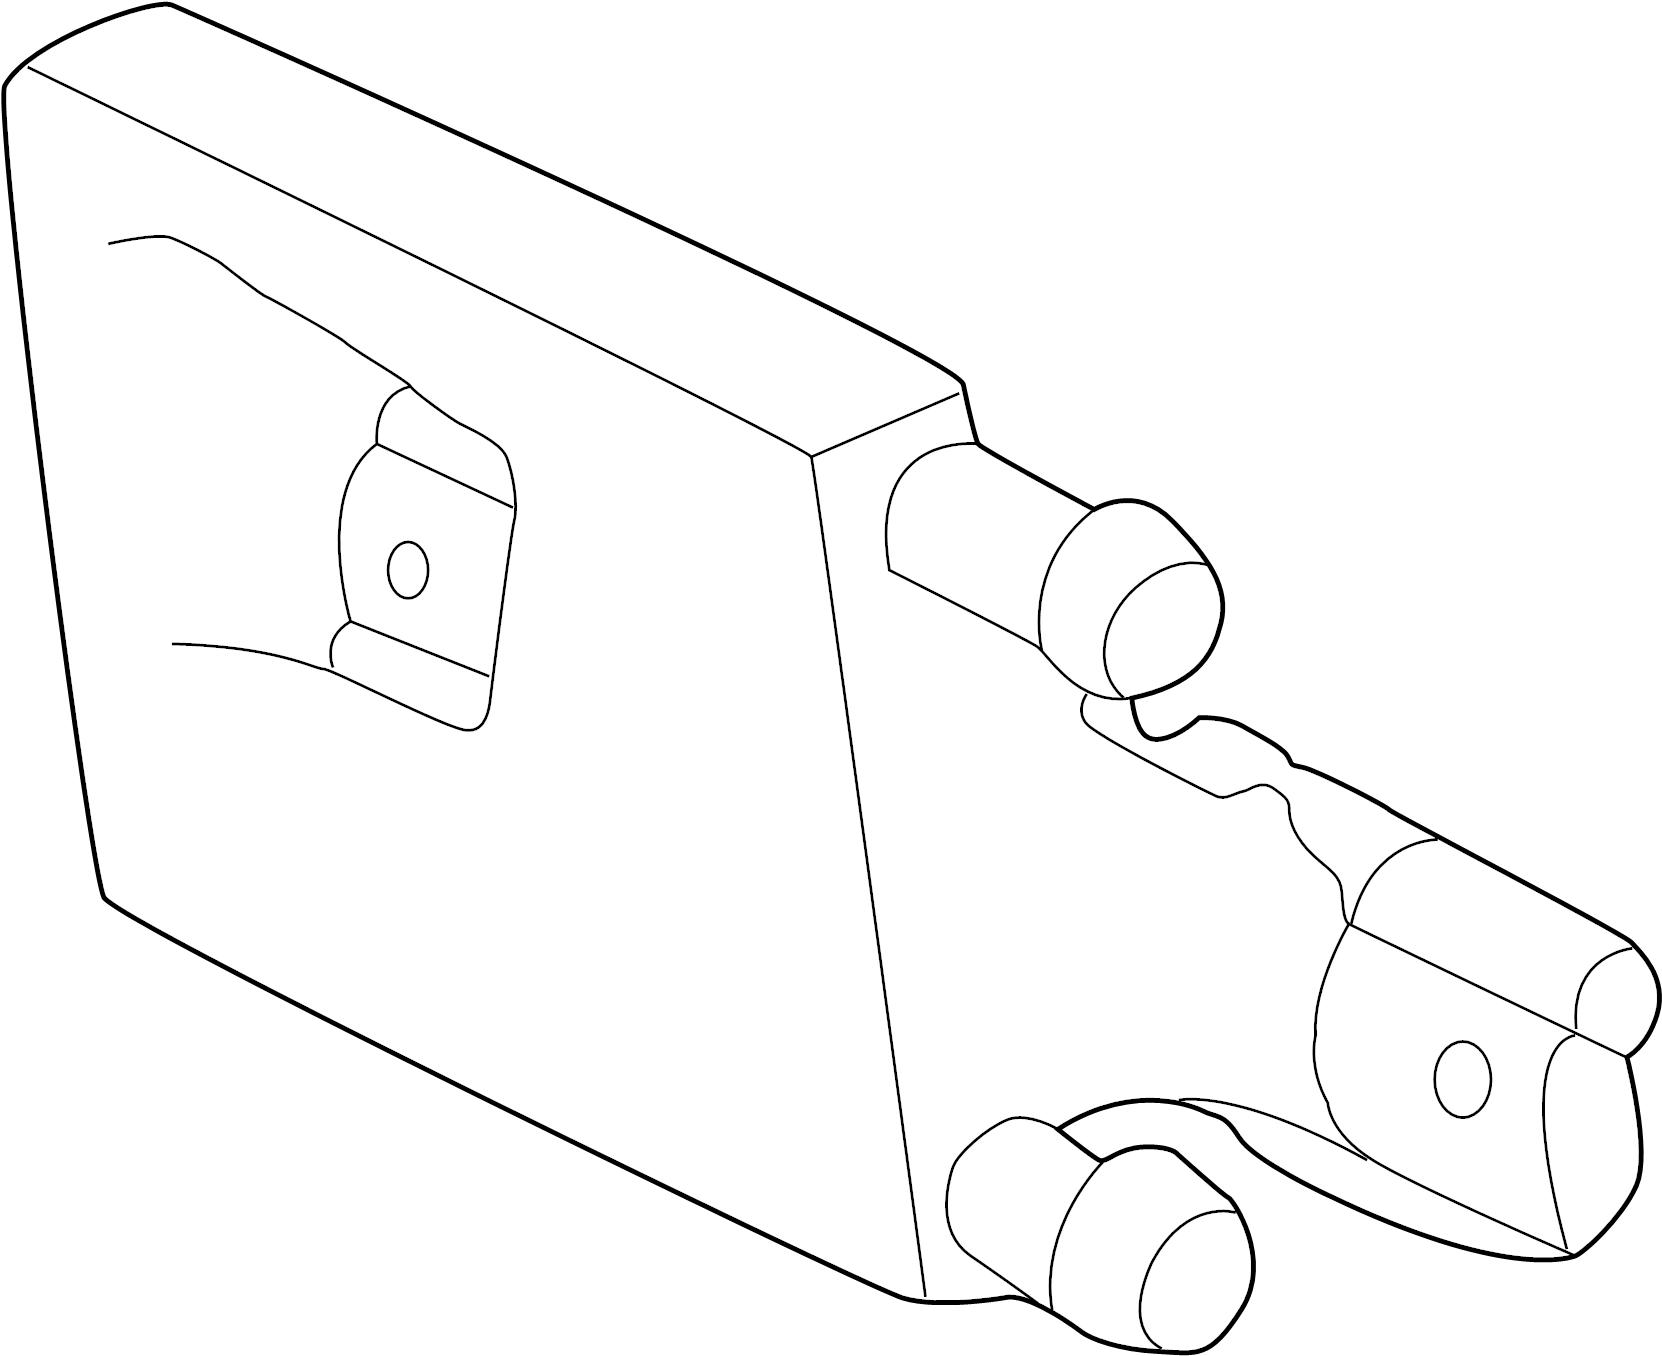 3c3z3d746aa Ford Cooler Steering Power Tube Liter